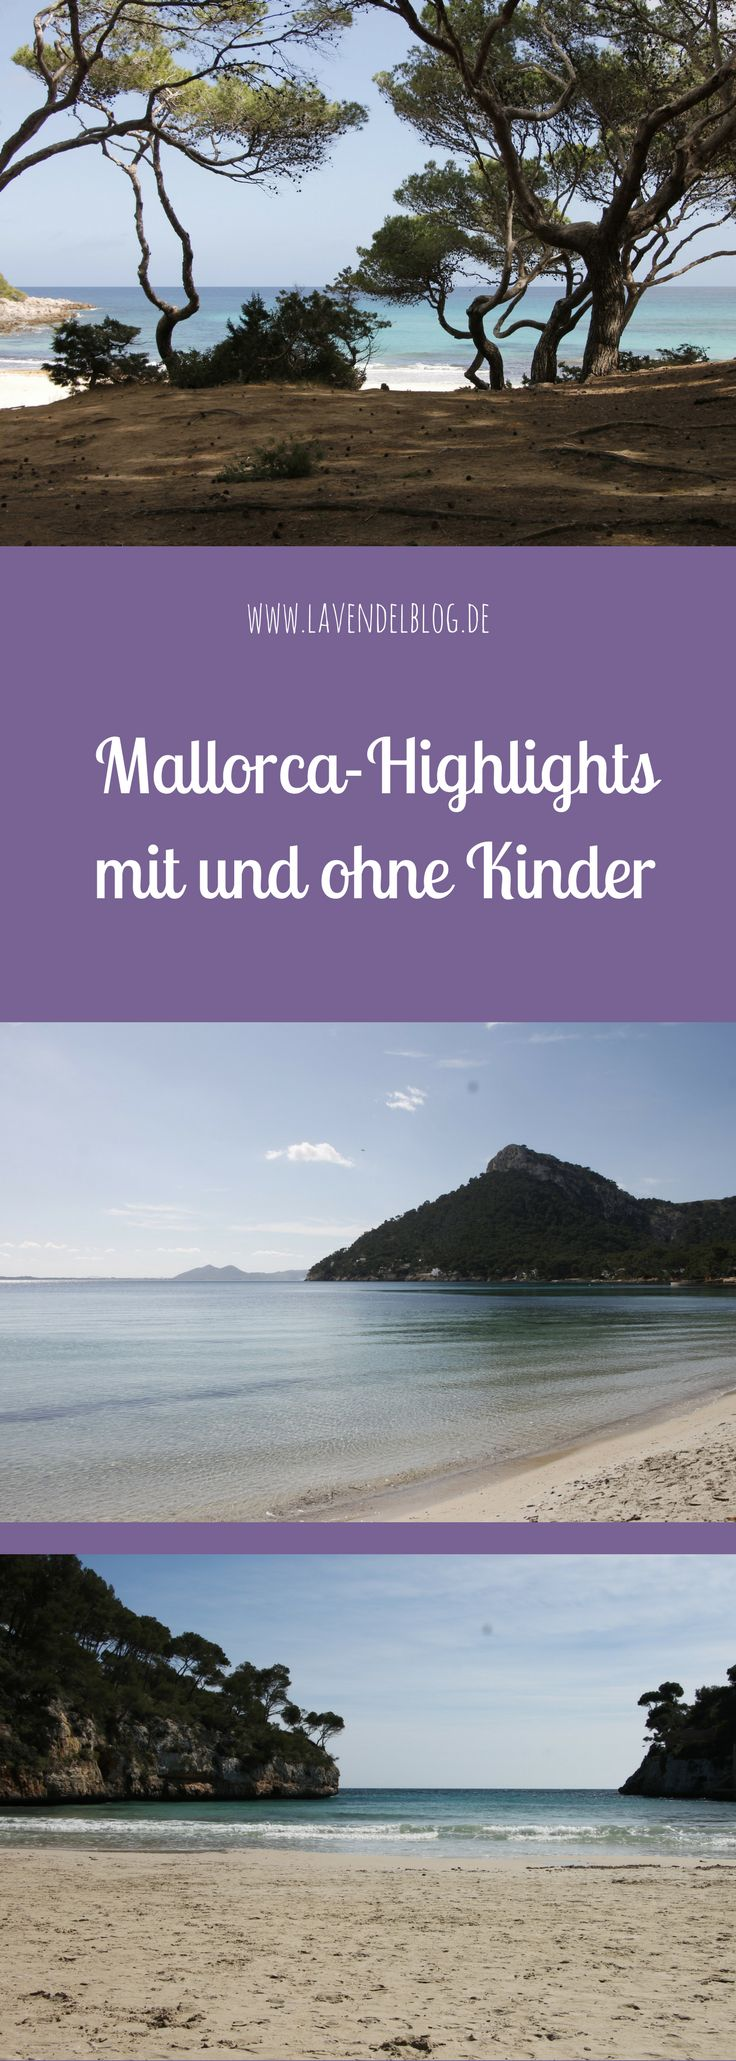 Mallorca mit Kindern ist wunderschön. Im Blog verraten wir euch unsere Mallorca Highlights und geben euch Tipps zum Reisen mit Kindern. Mit dabei die schönsten Strände Mallorcas.